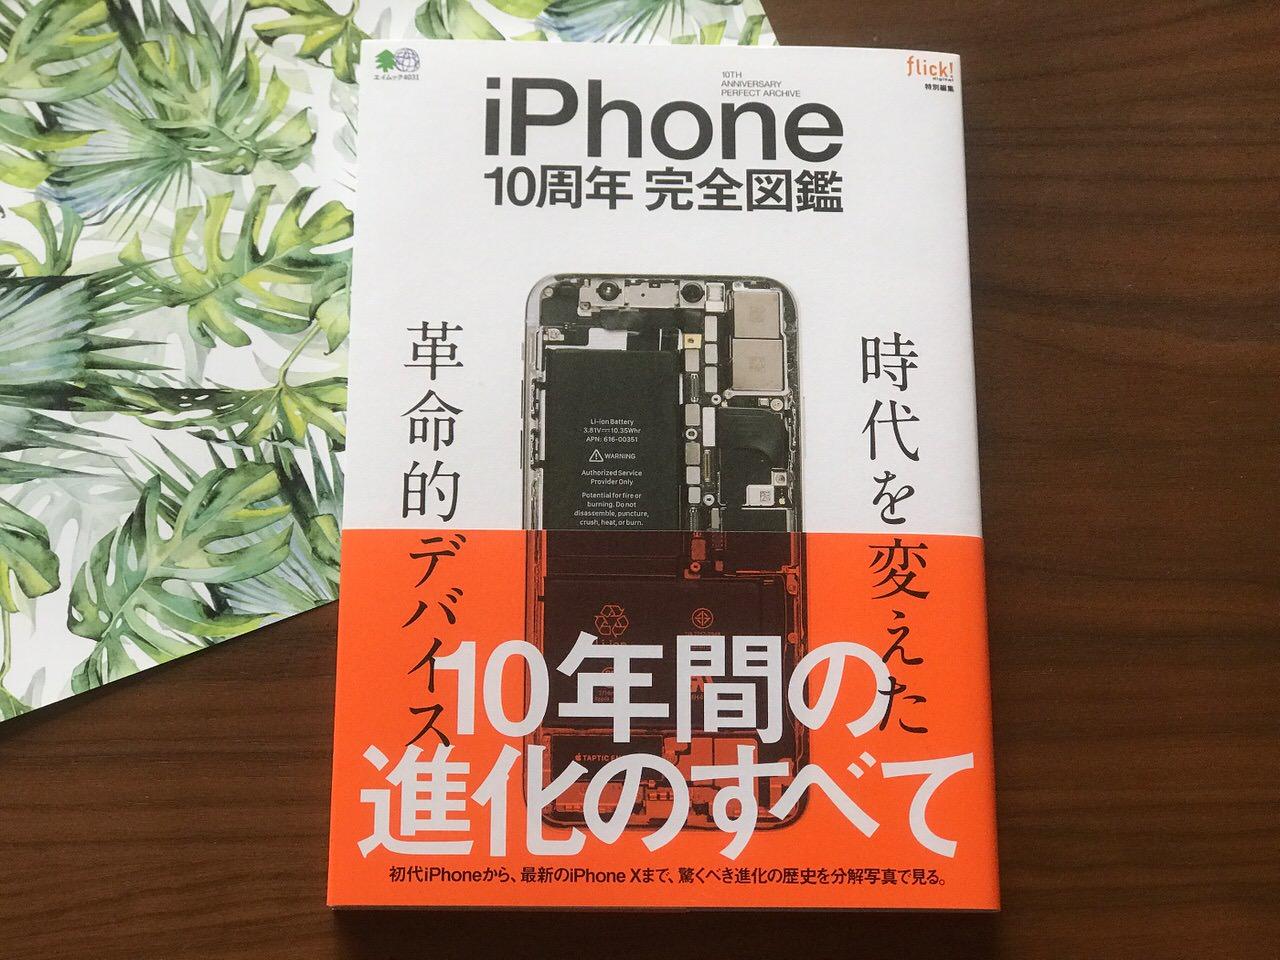 「iPhone10周年完全図鑑」これはiPhoneユーザー必携の書だ